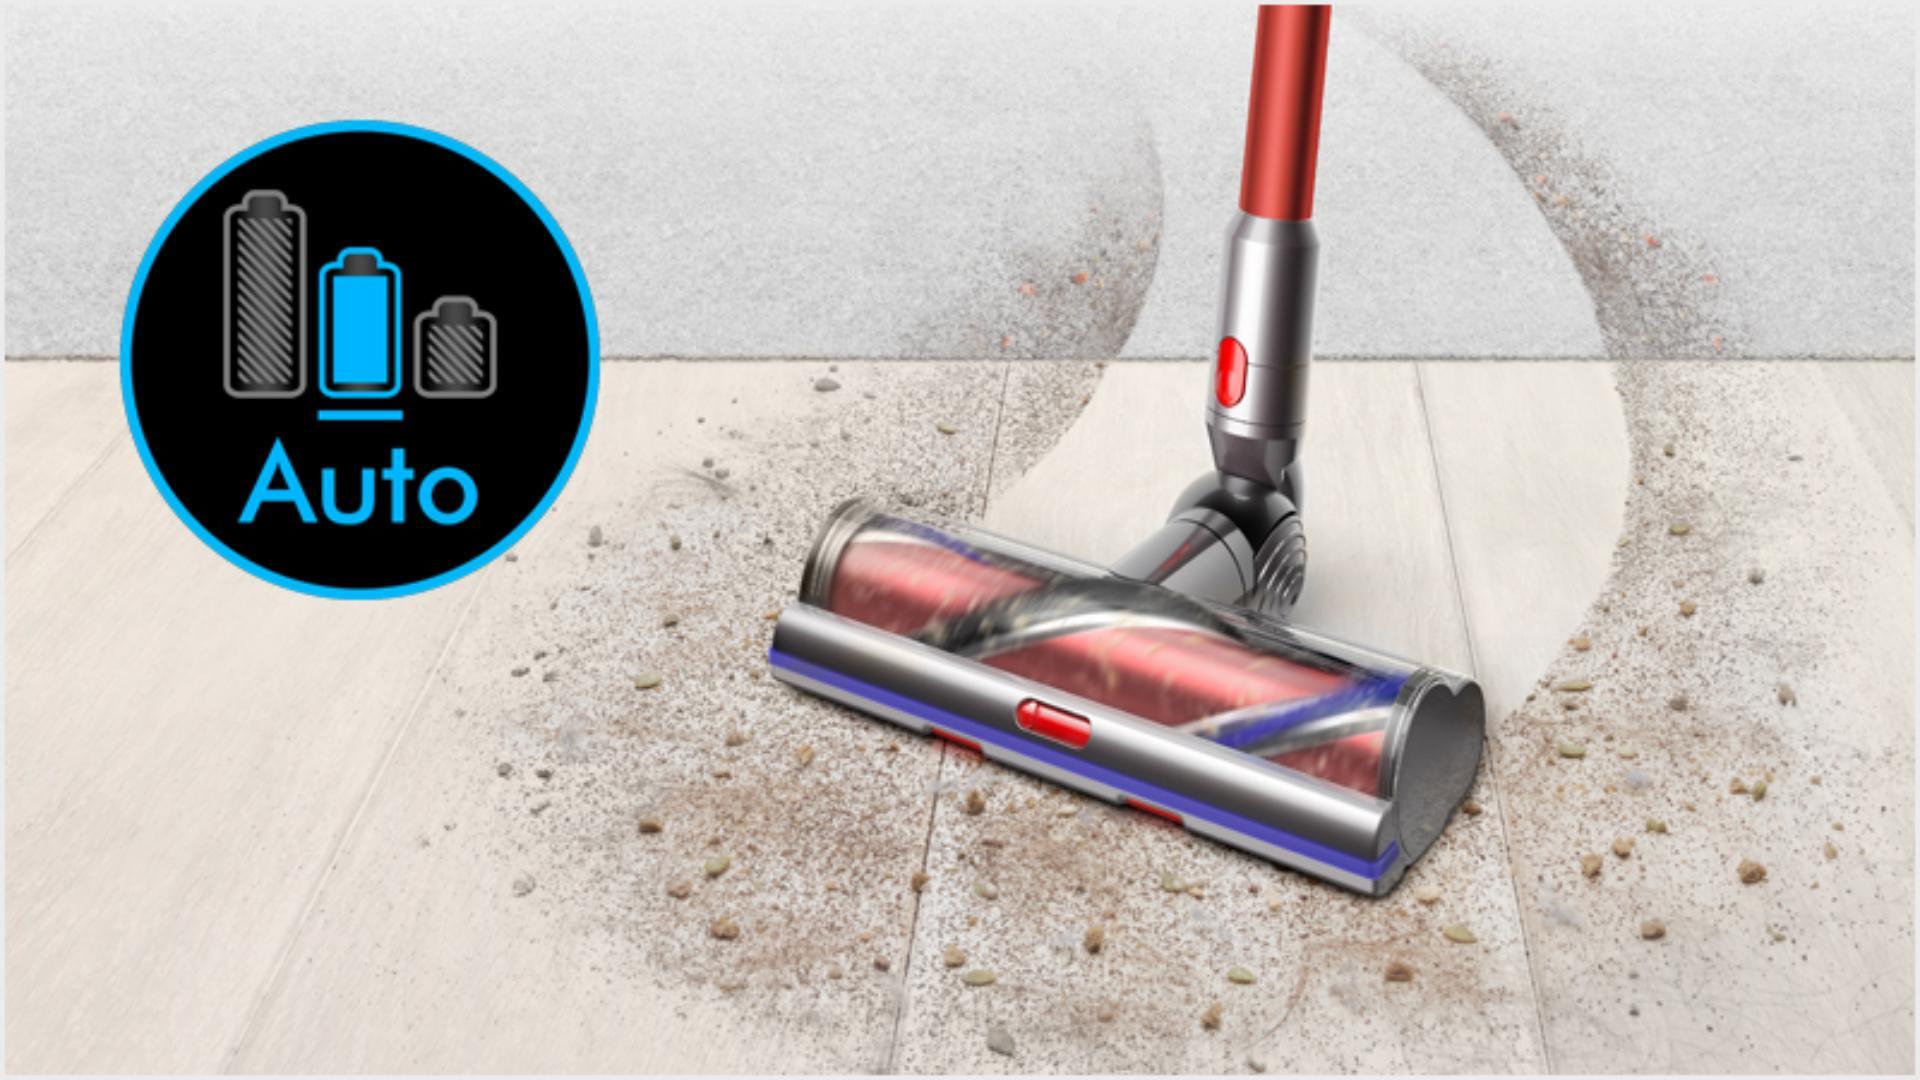 마룻바닥에서 카펫으로 이동하며 청소하는 다이슨 아웃사이즈 무선 청소기.